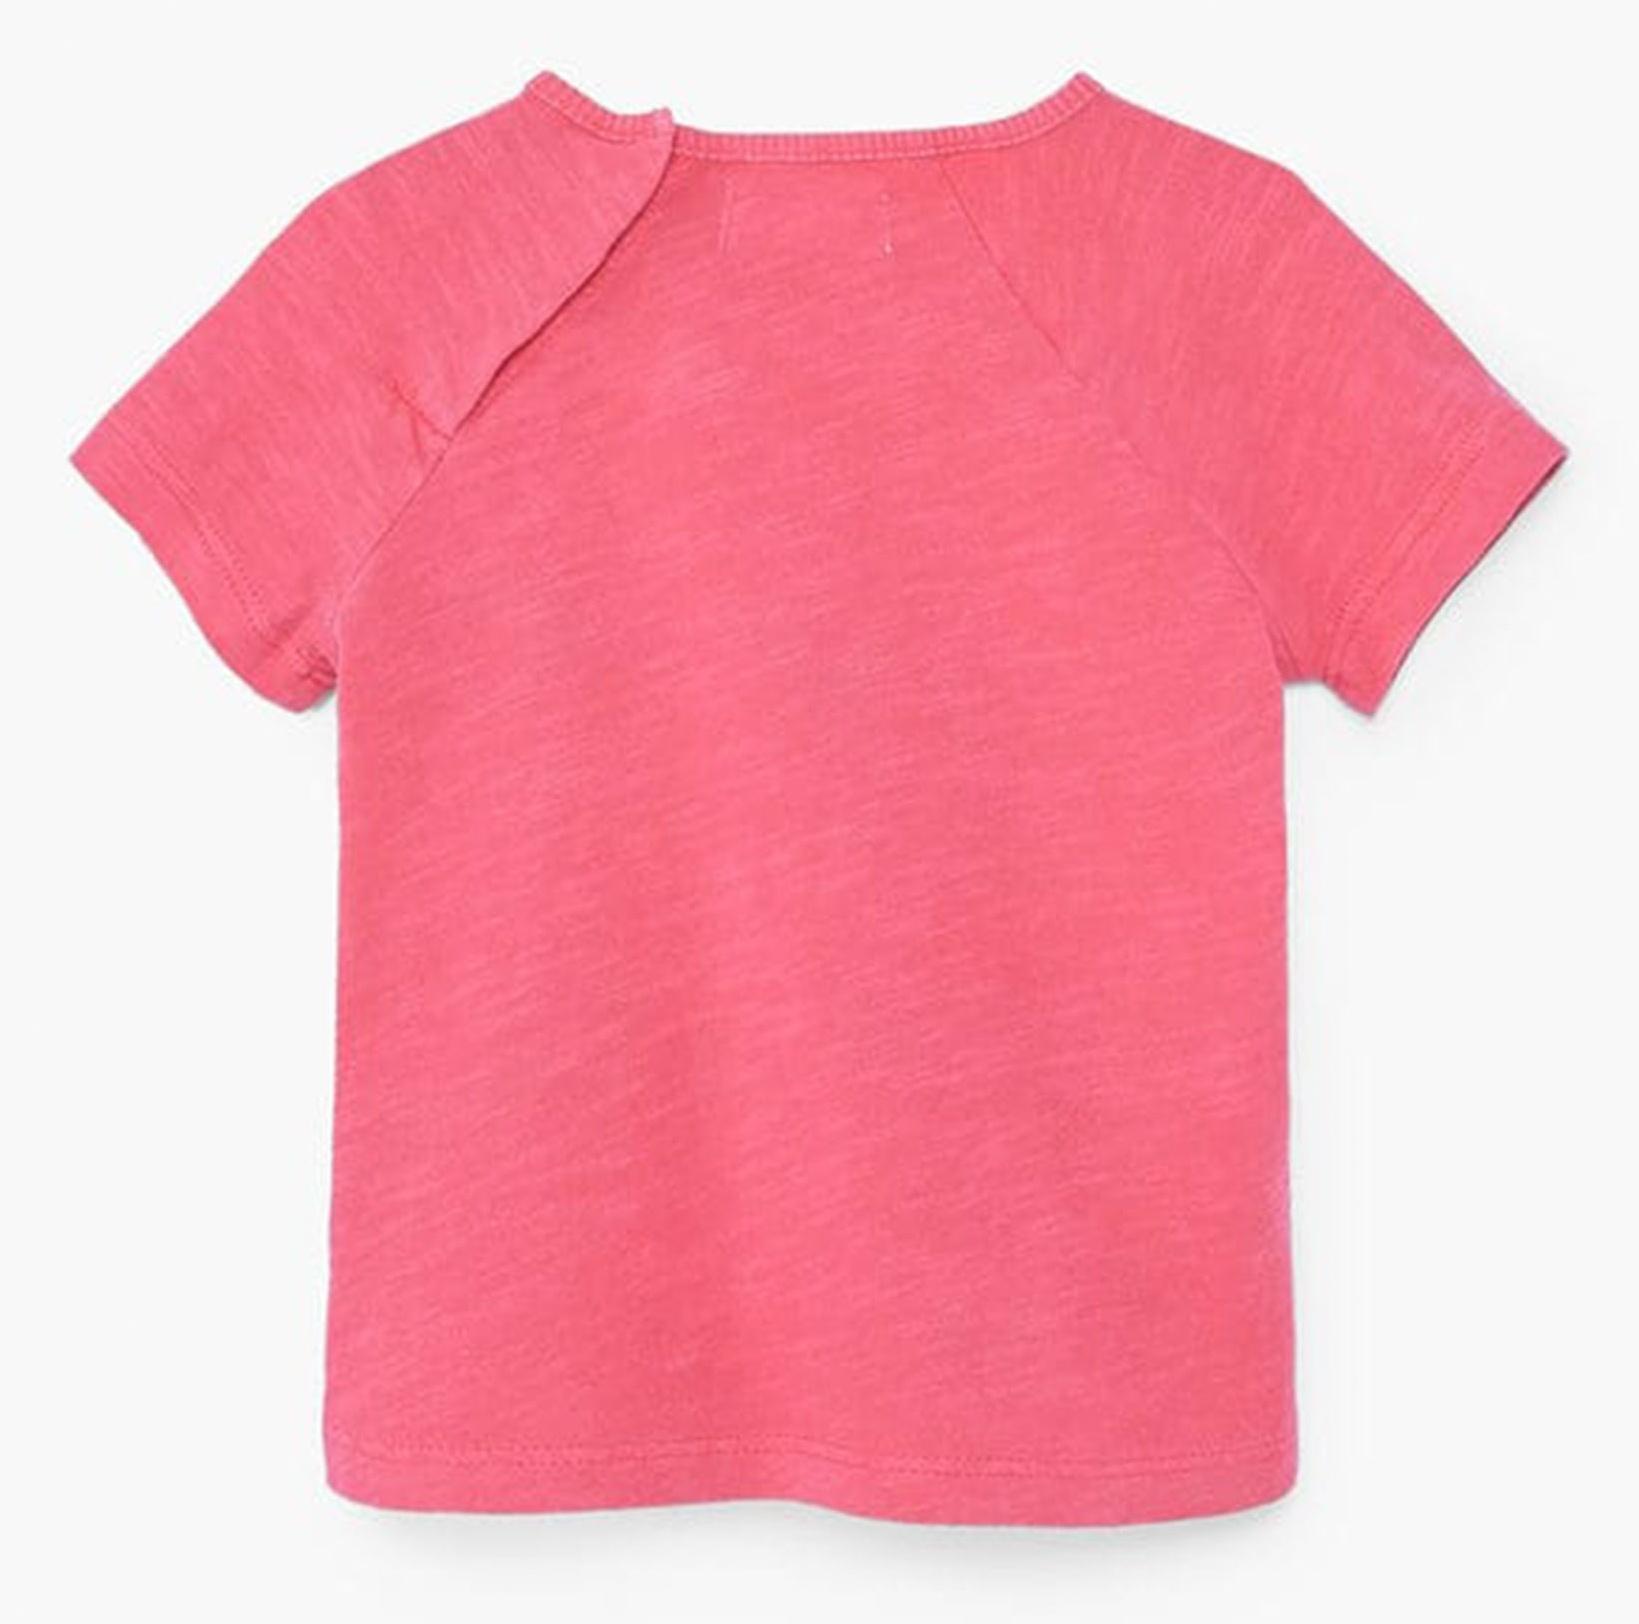 تی شرت نخی آستین کوتاه نوزادی دخترانه - مانگو - صورتي تيره - 2